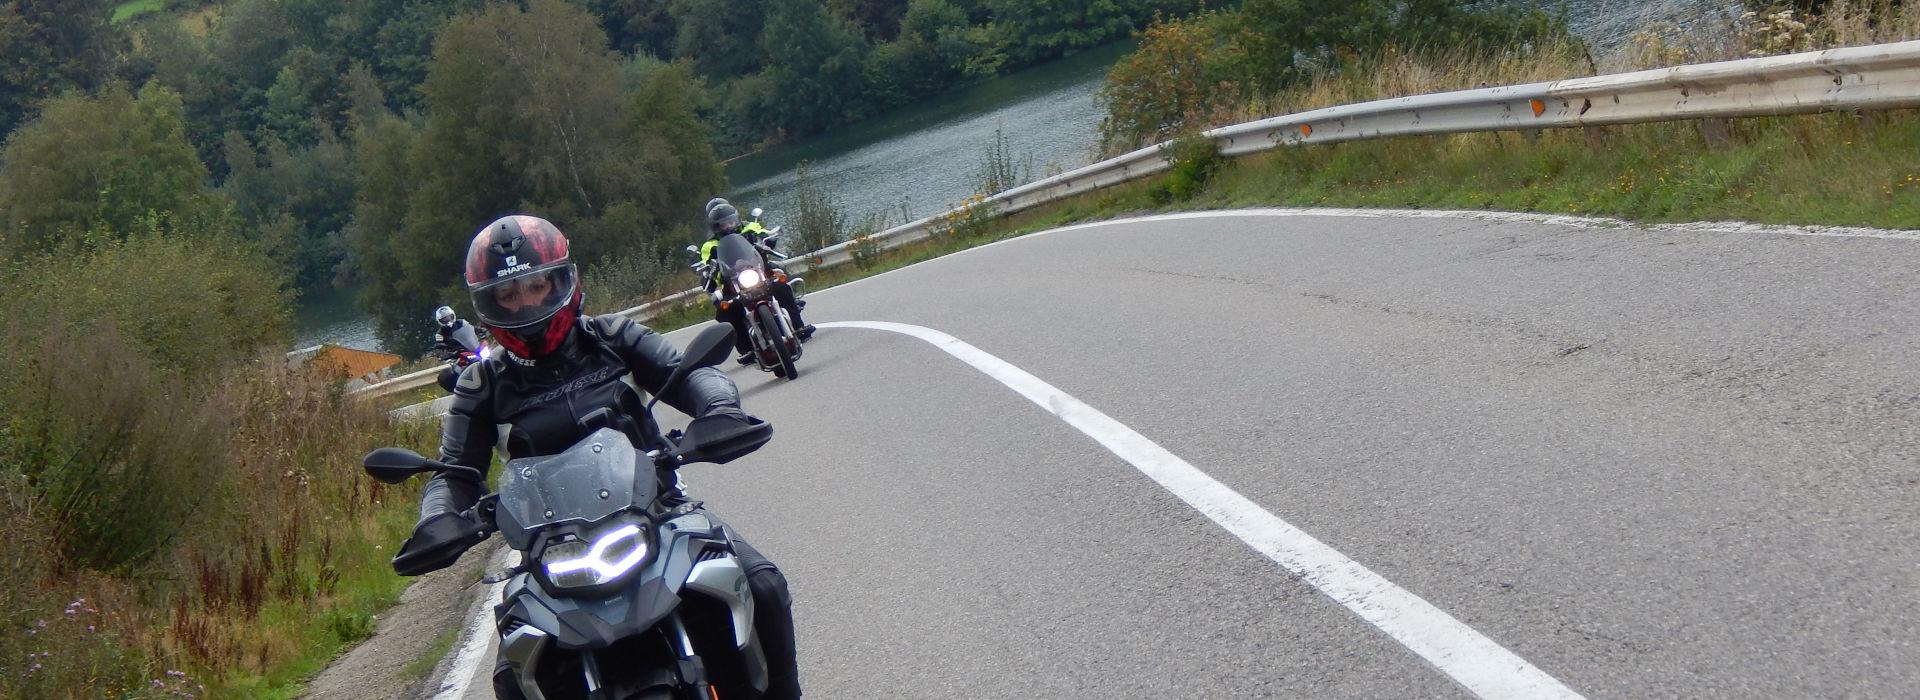 Motorrijbewijspoint Nijmegen motorexamens AVB en AVD